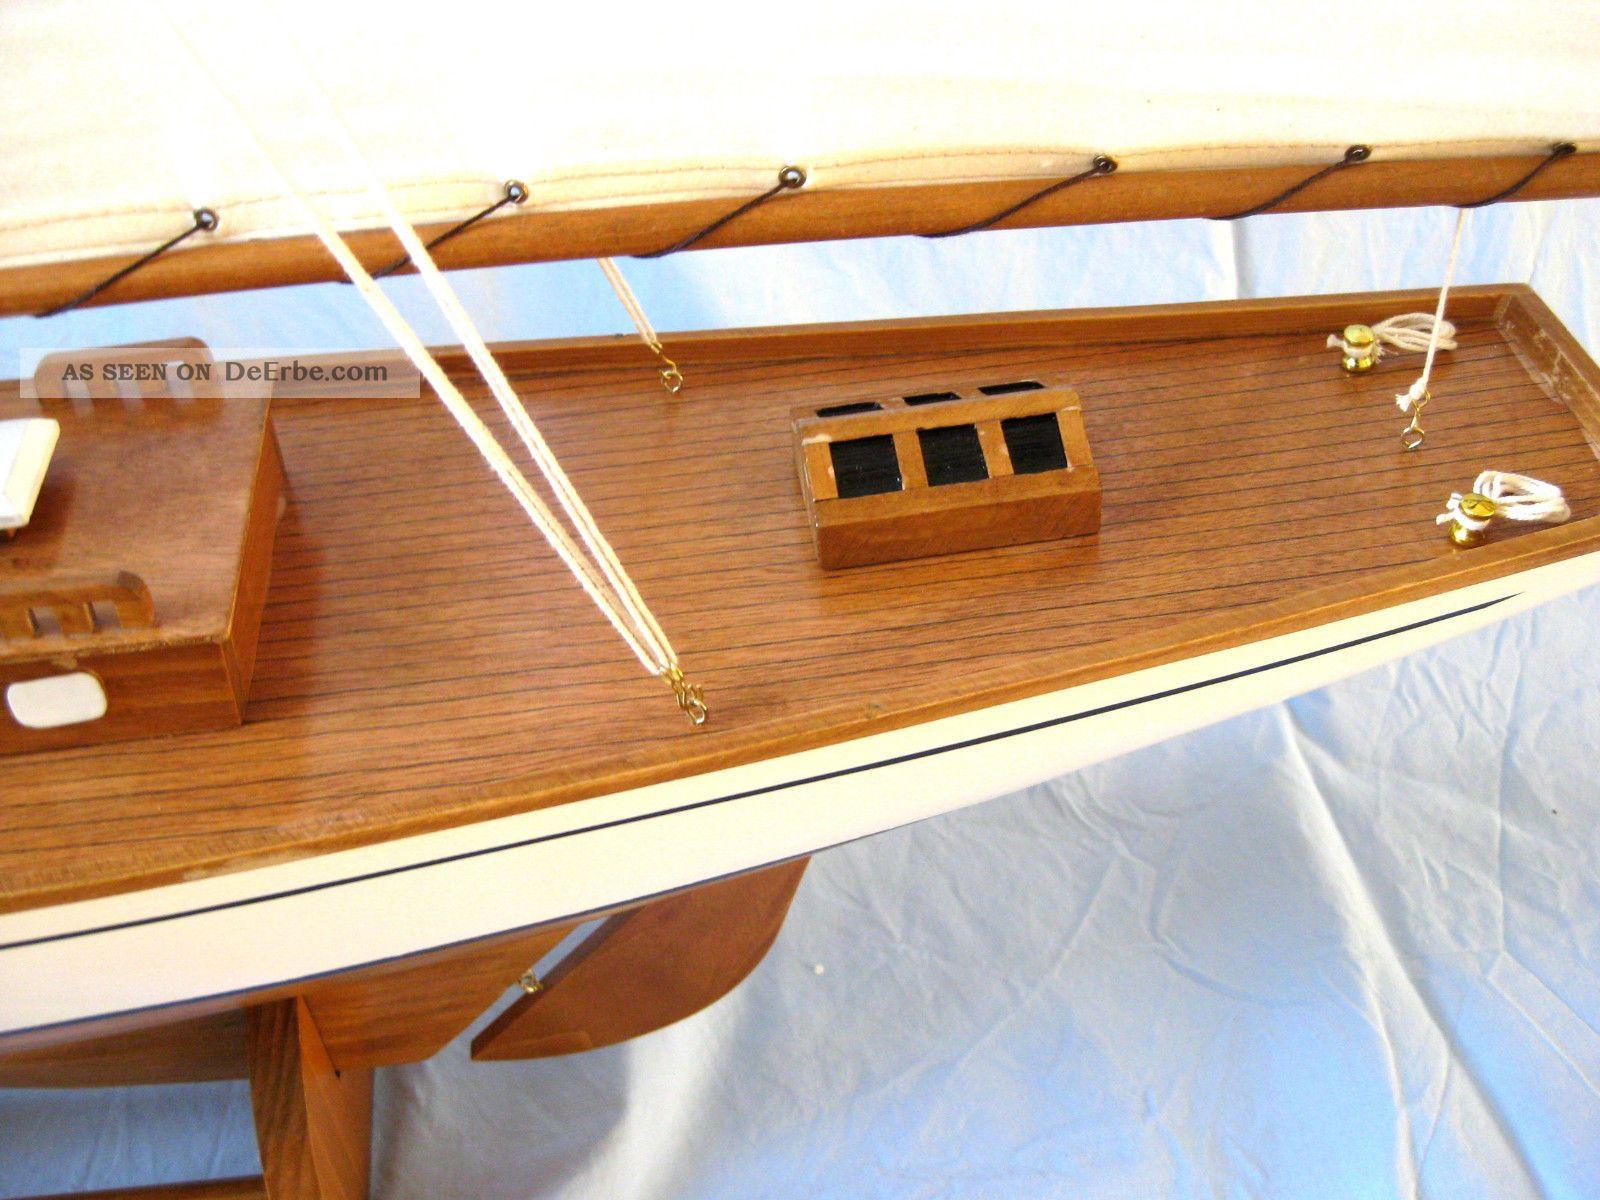 gro es edles schiffsmodell segelyacht 125cm holz mit gesteppten stoffsegeln boot. Black Bedroom Furniture Sets. Home Design Ideas